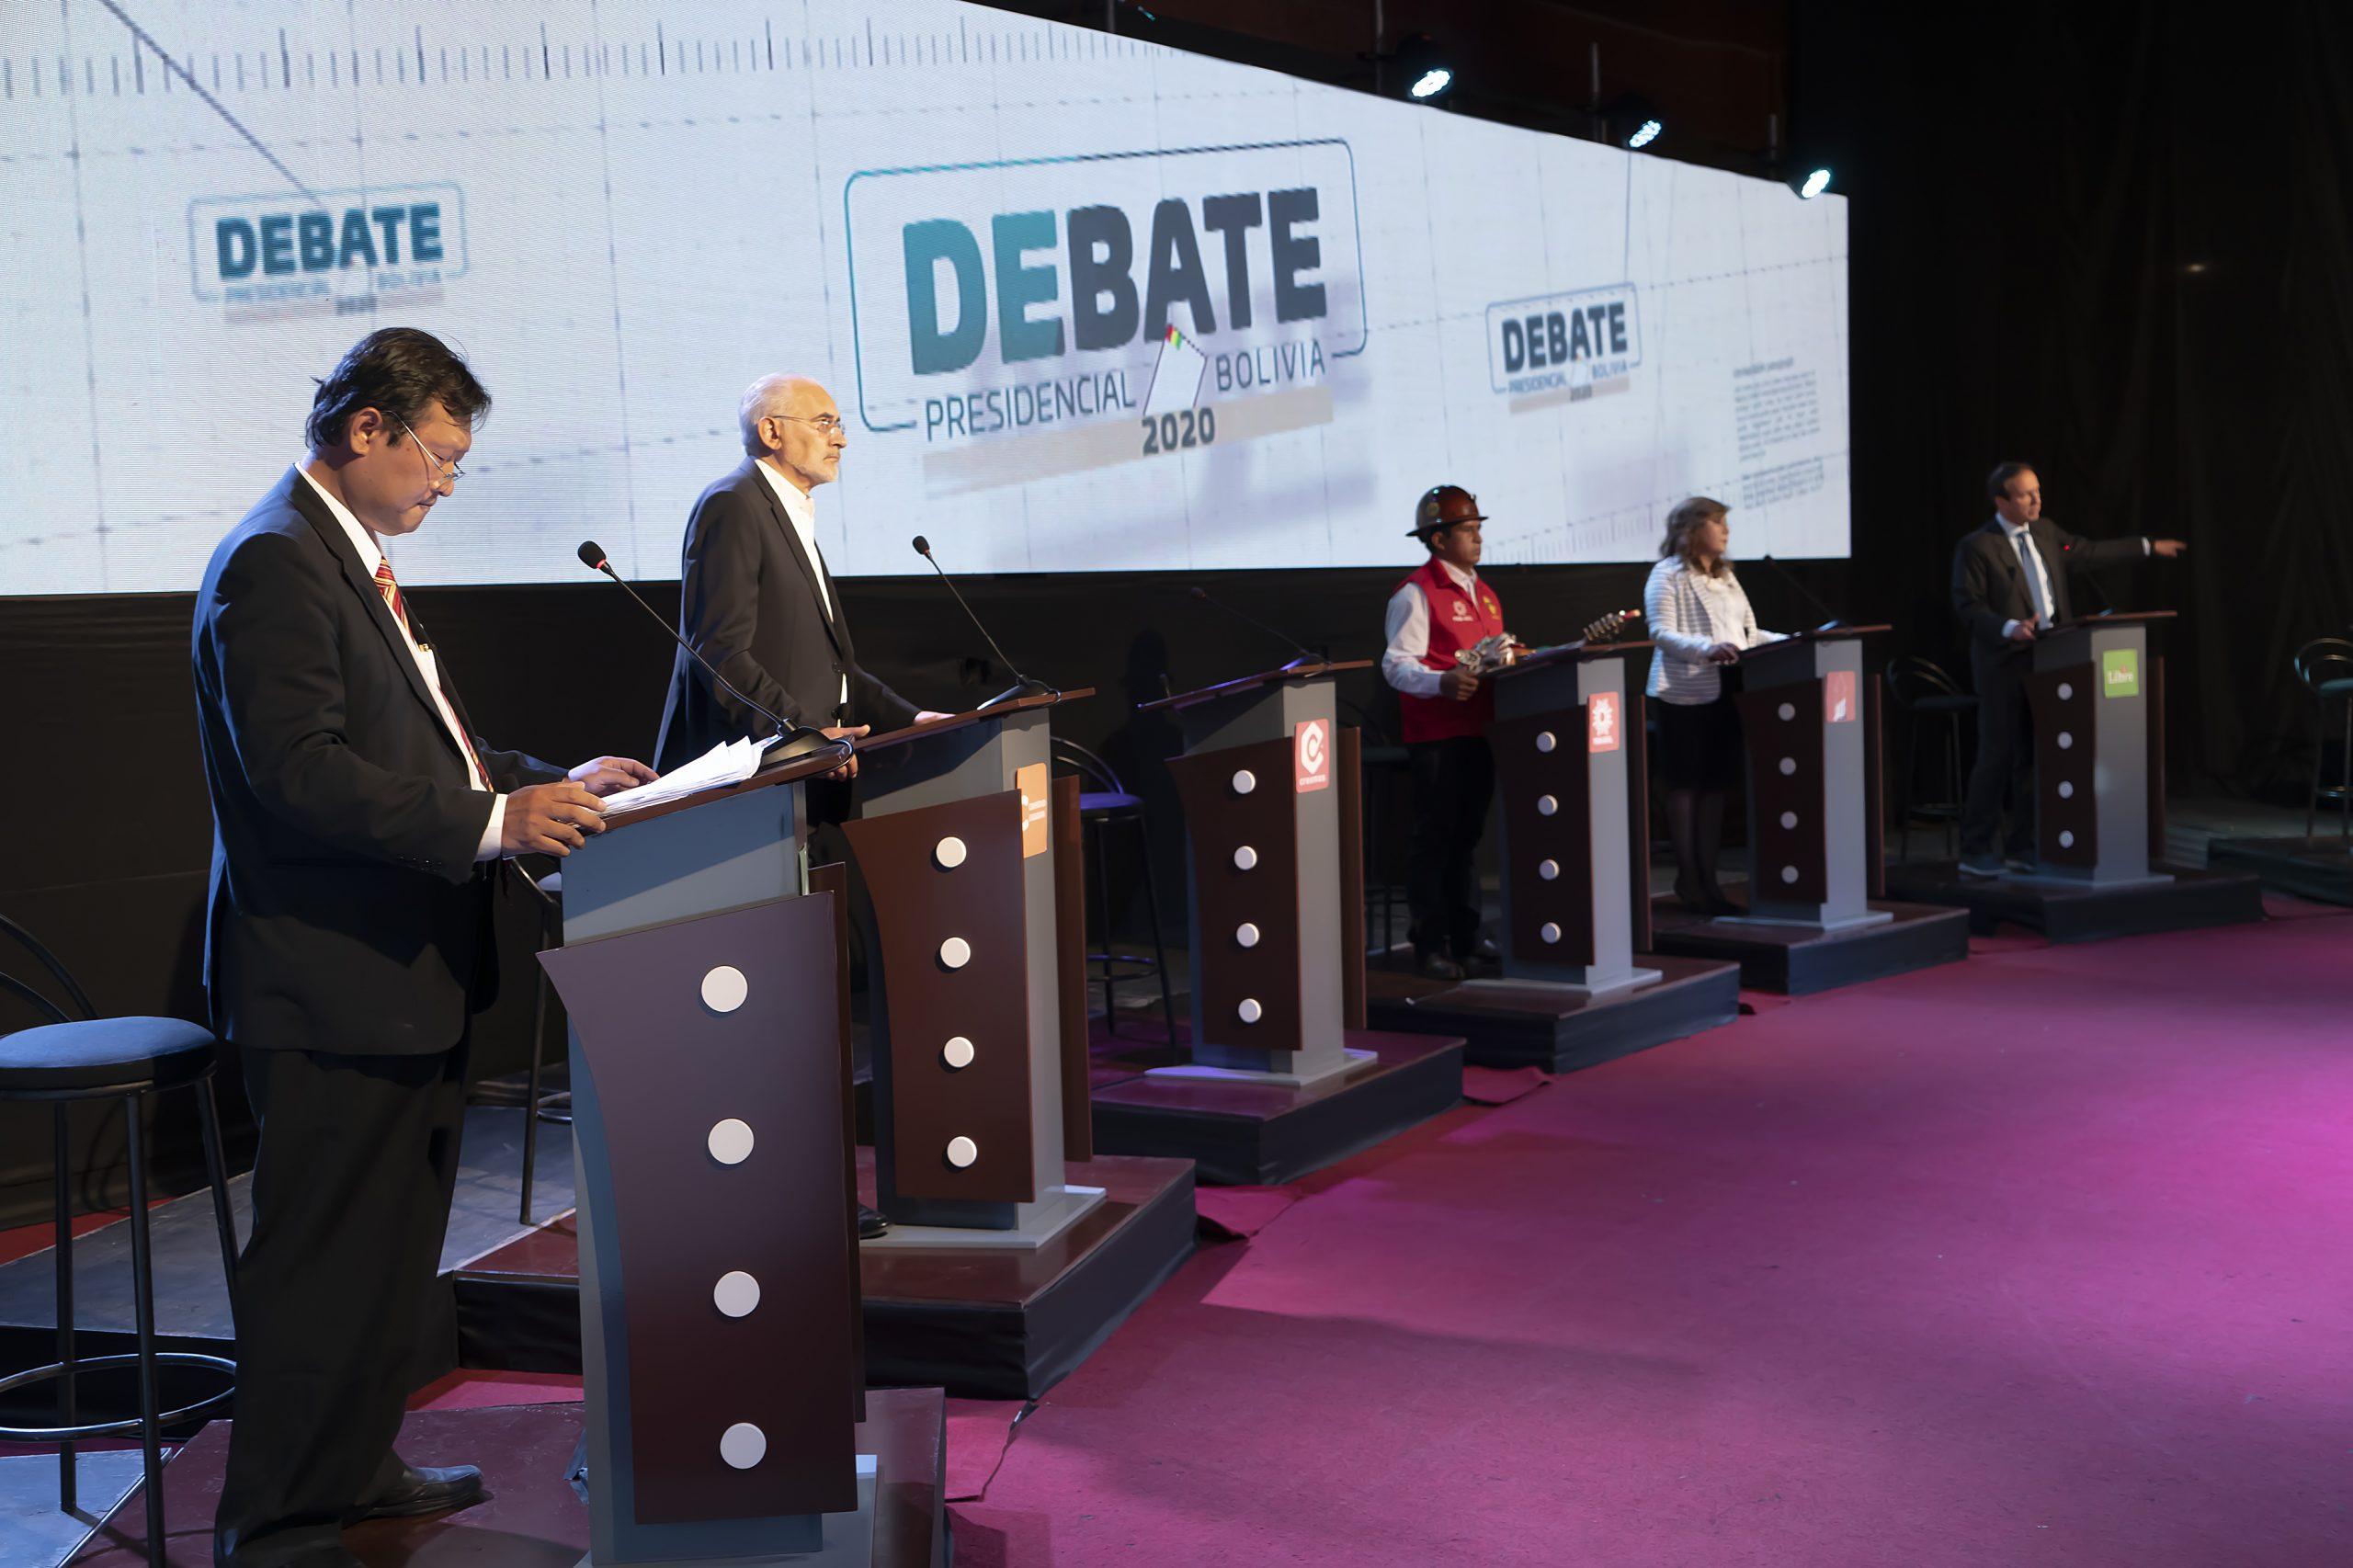 Organizadores estiman que cinco millones de personas vieron o escucharon el debate presidencial | Brújula Digital